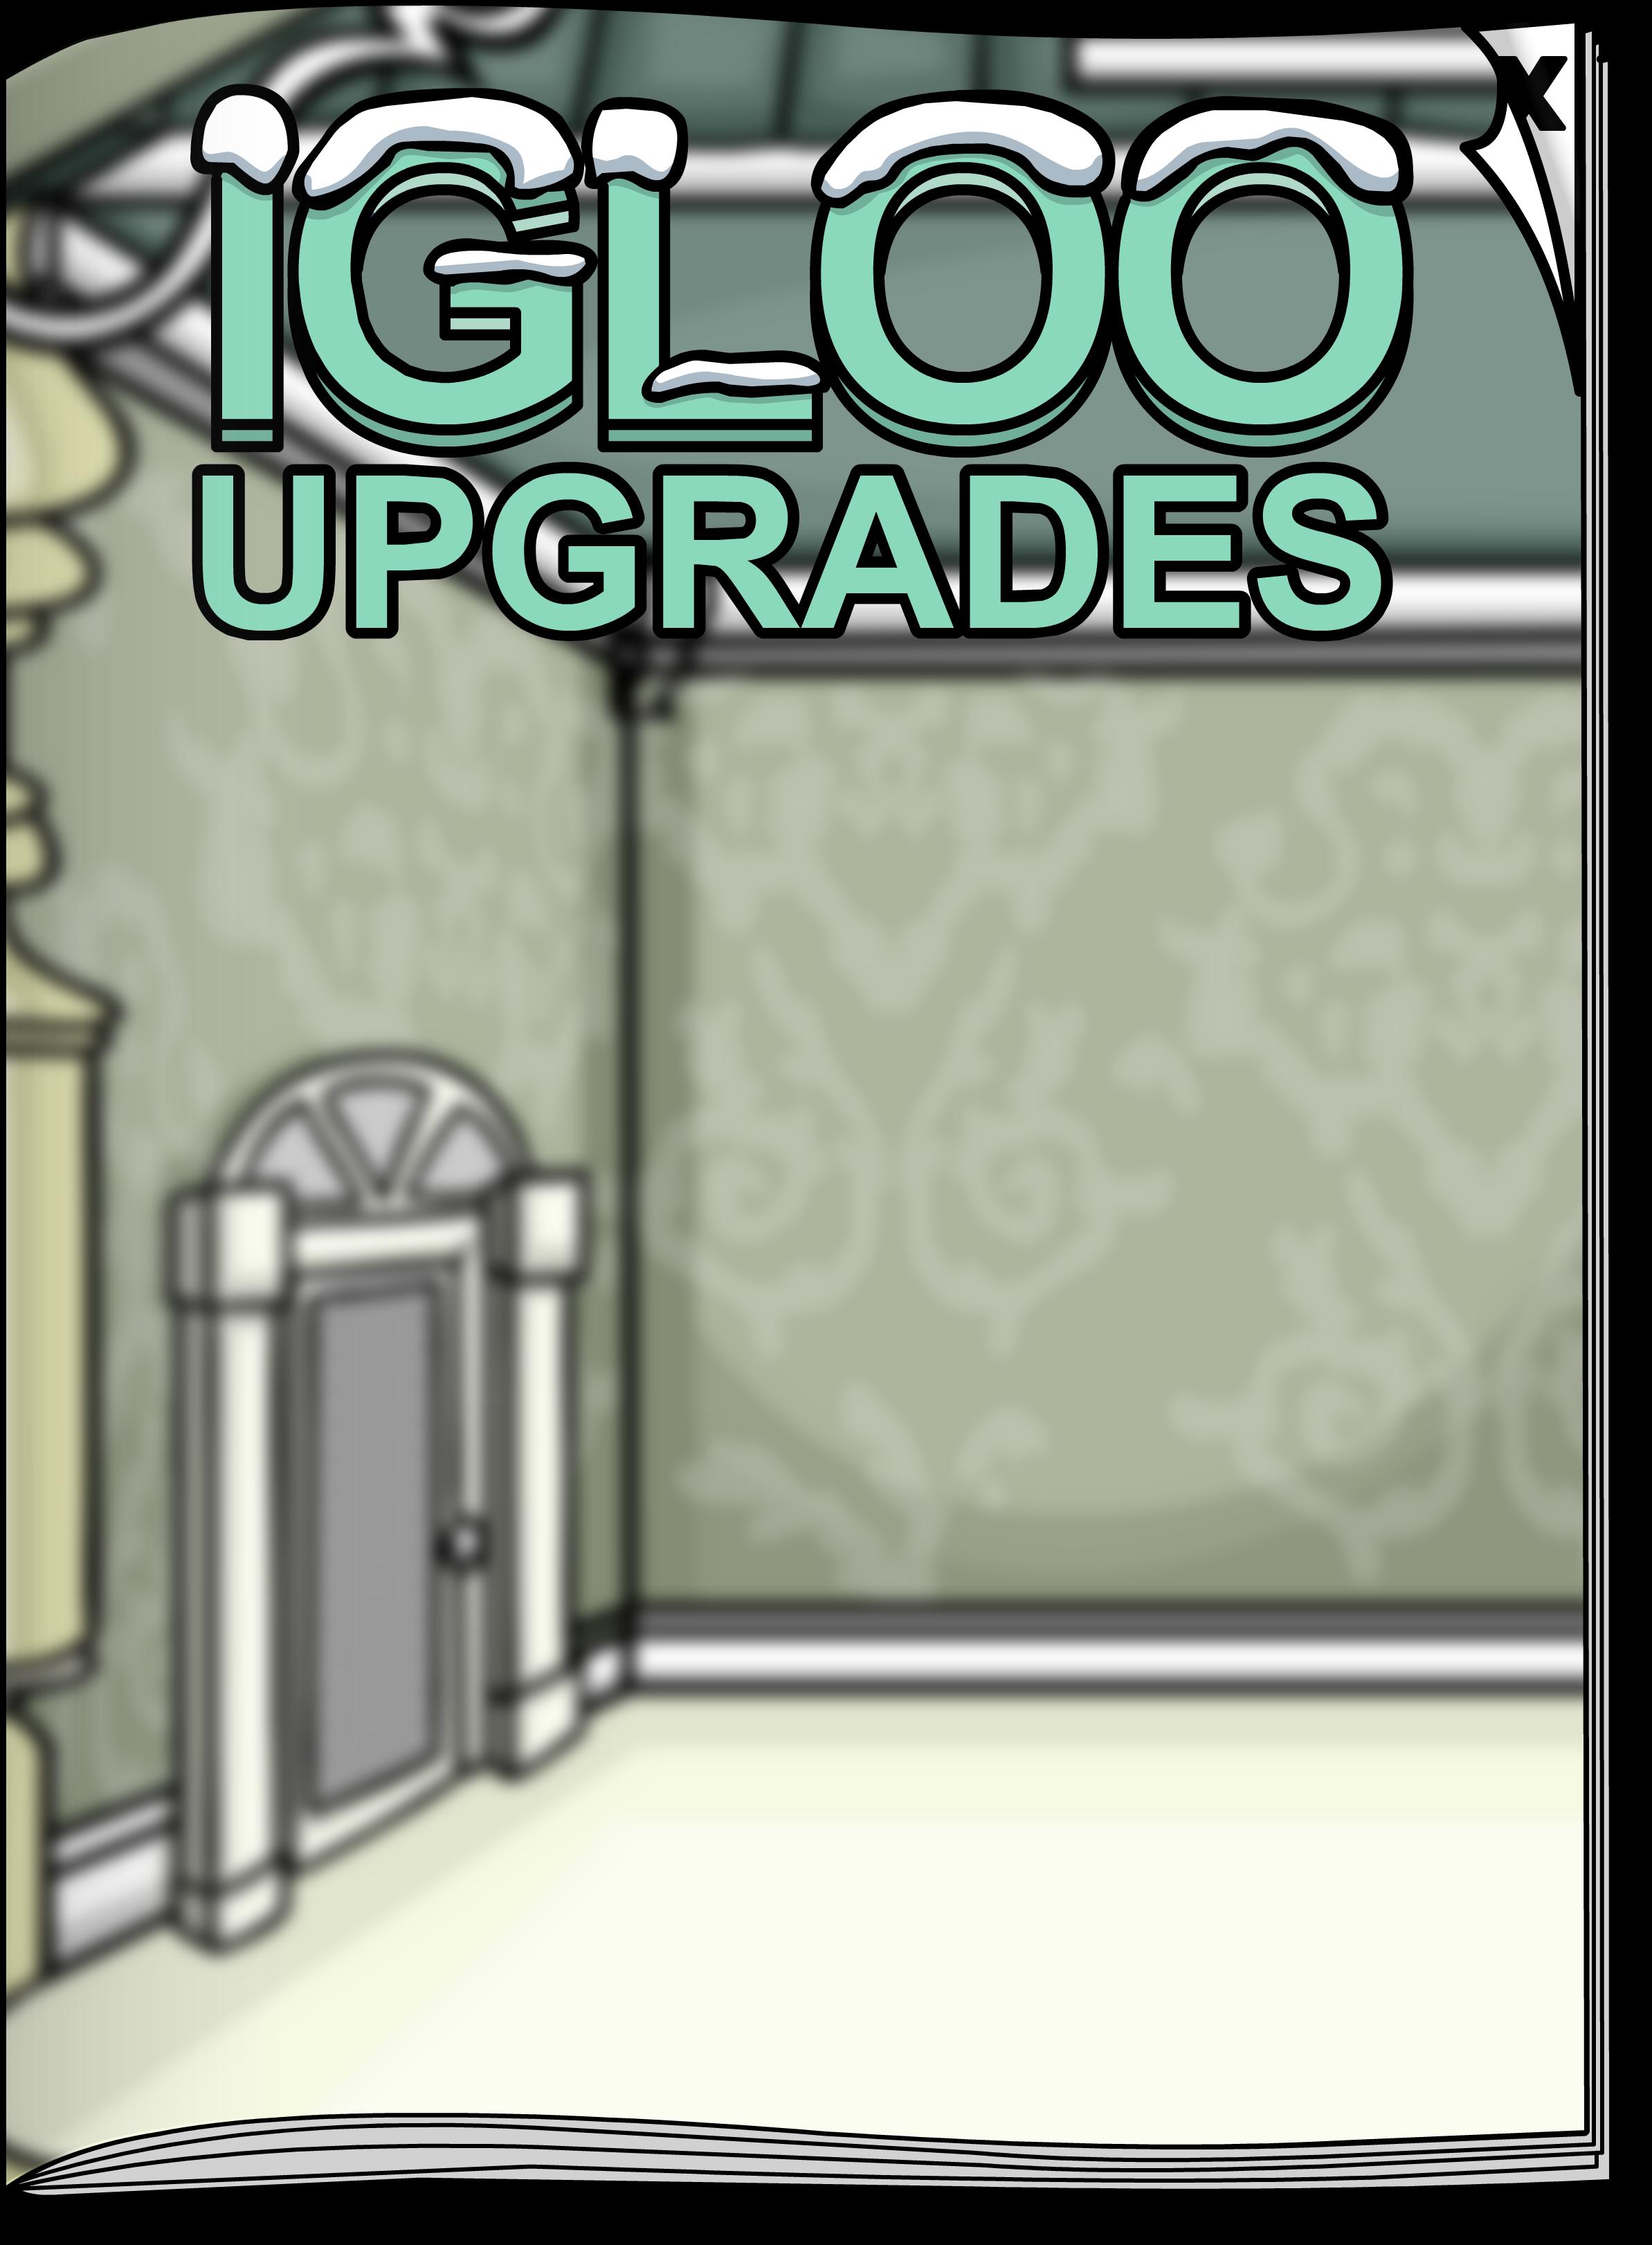 Igloo Upgrades Jan'19